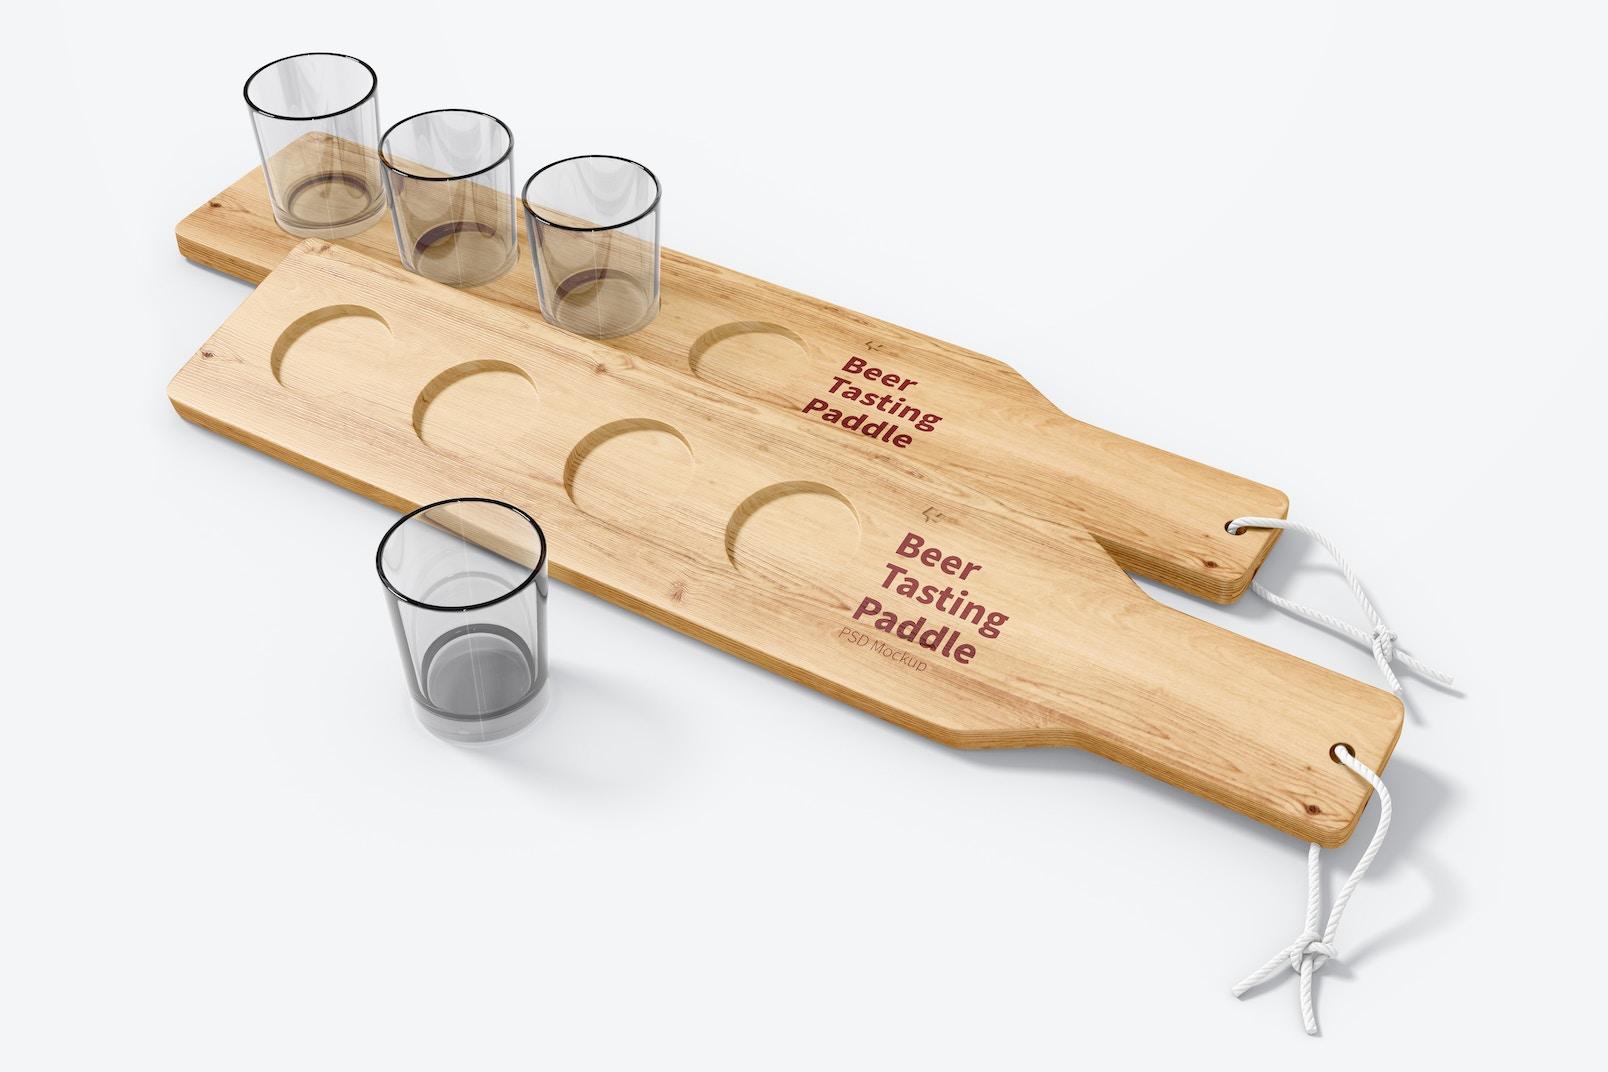 Beer Tasting Paddles Mockup, Perspective